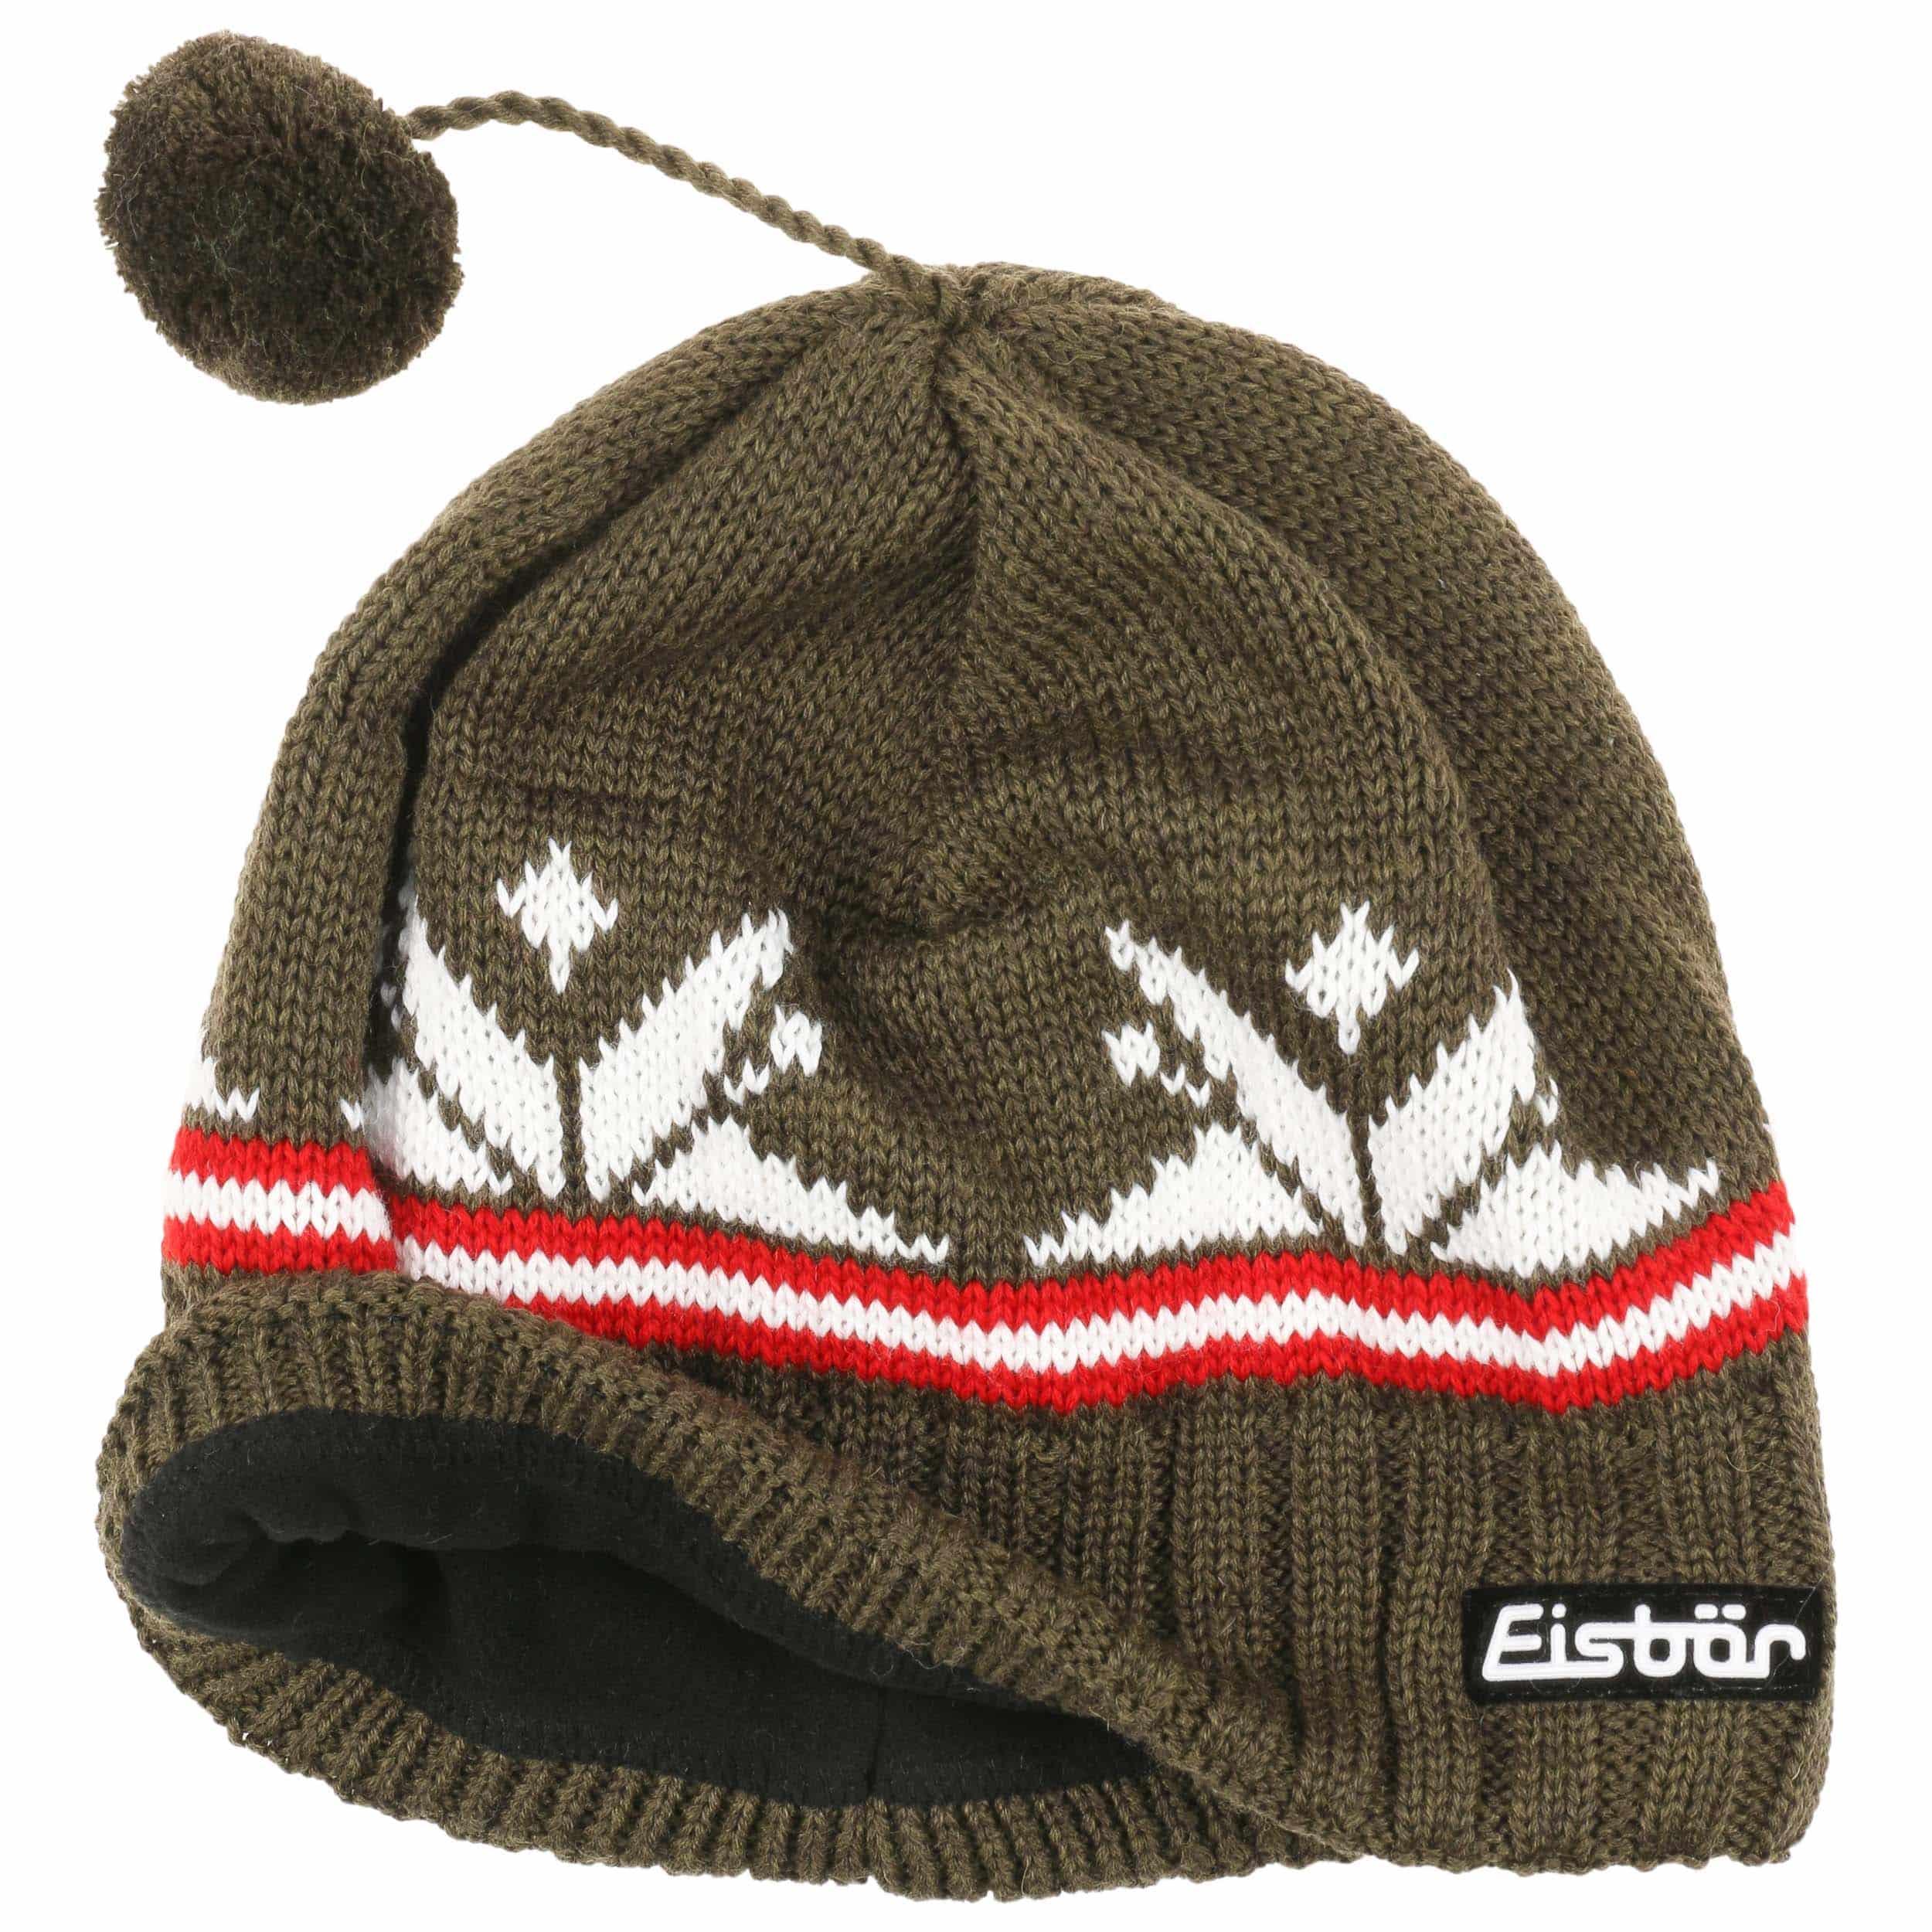 Gorro de Punto Ski by Eisbär - Gorros - sombreroshop.es 0aa3de4faac